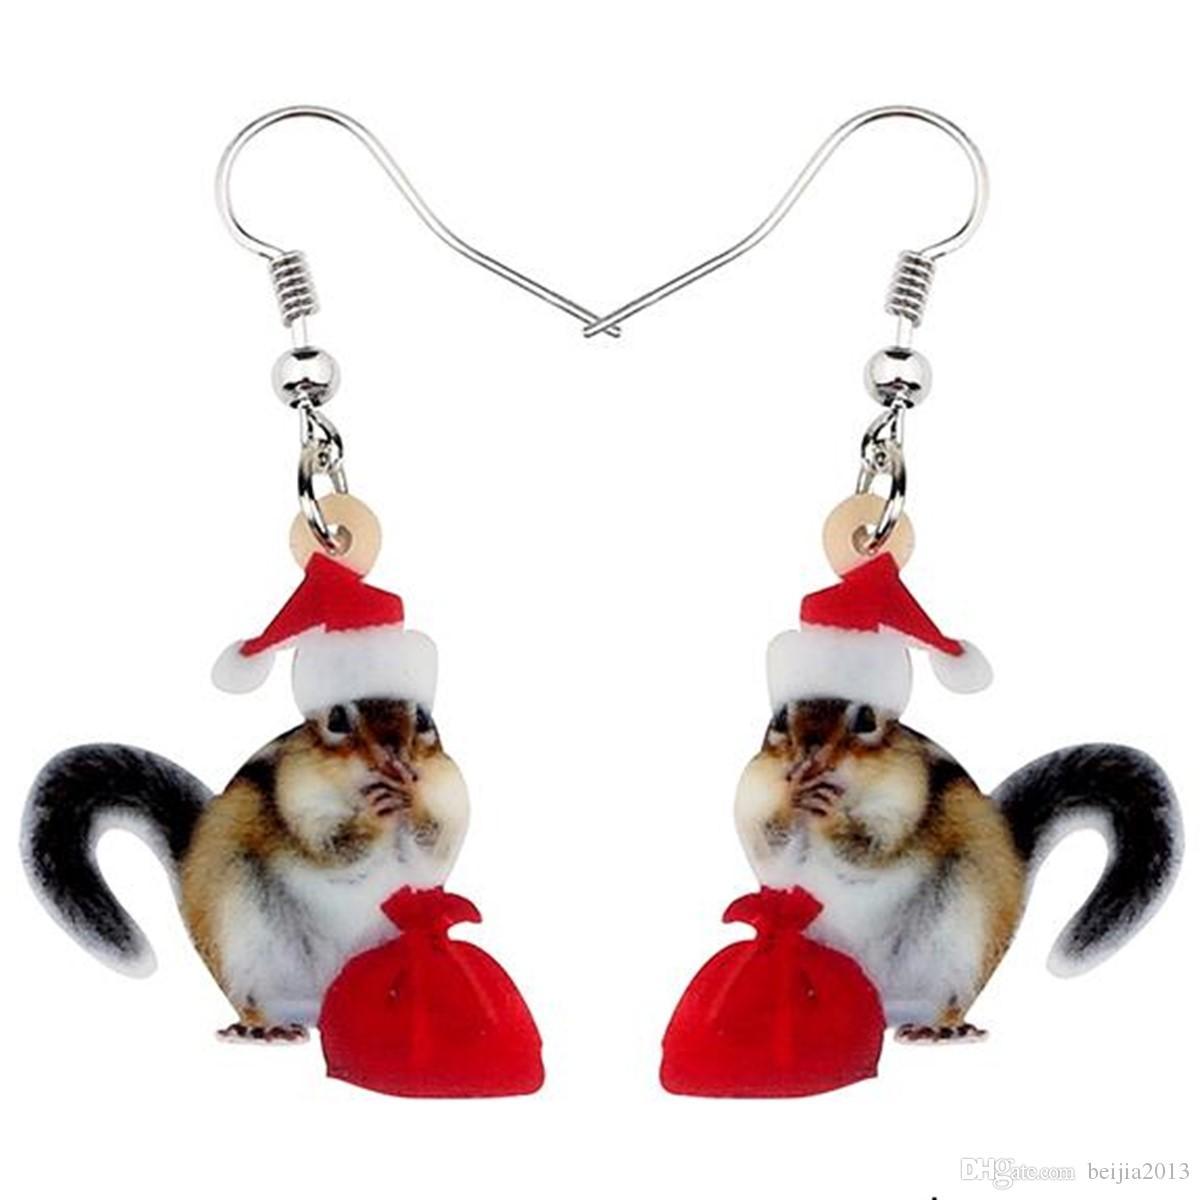 Acrylique Noël doux d'écureuil Sac cadeau Boucles d'oreilles animaux Pendent Bijoux Femmes Fille Enfants Fête Décoration Charm cadeau